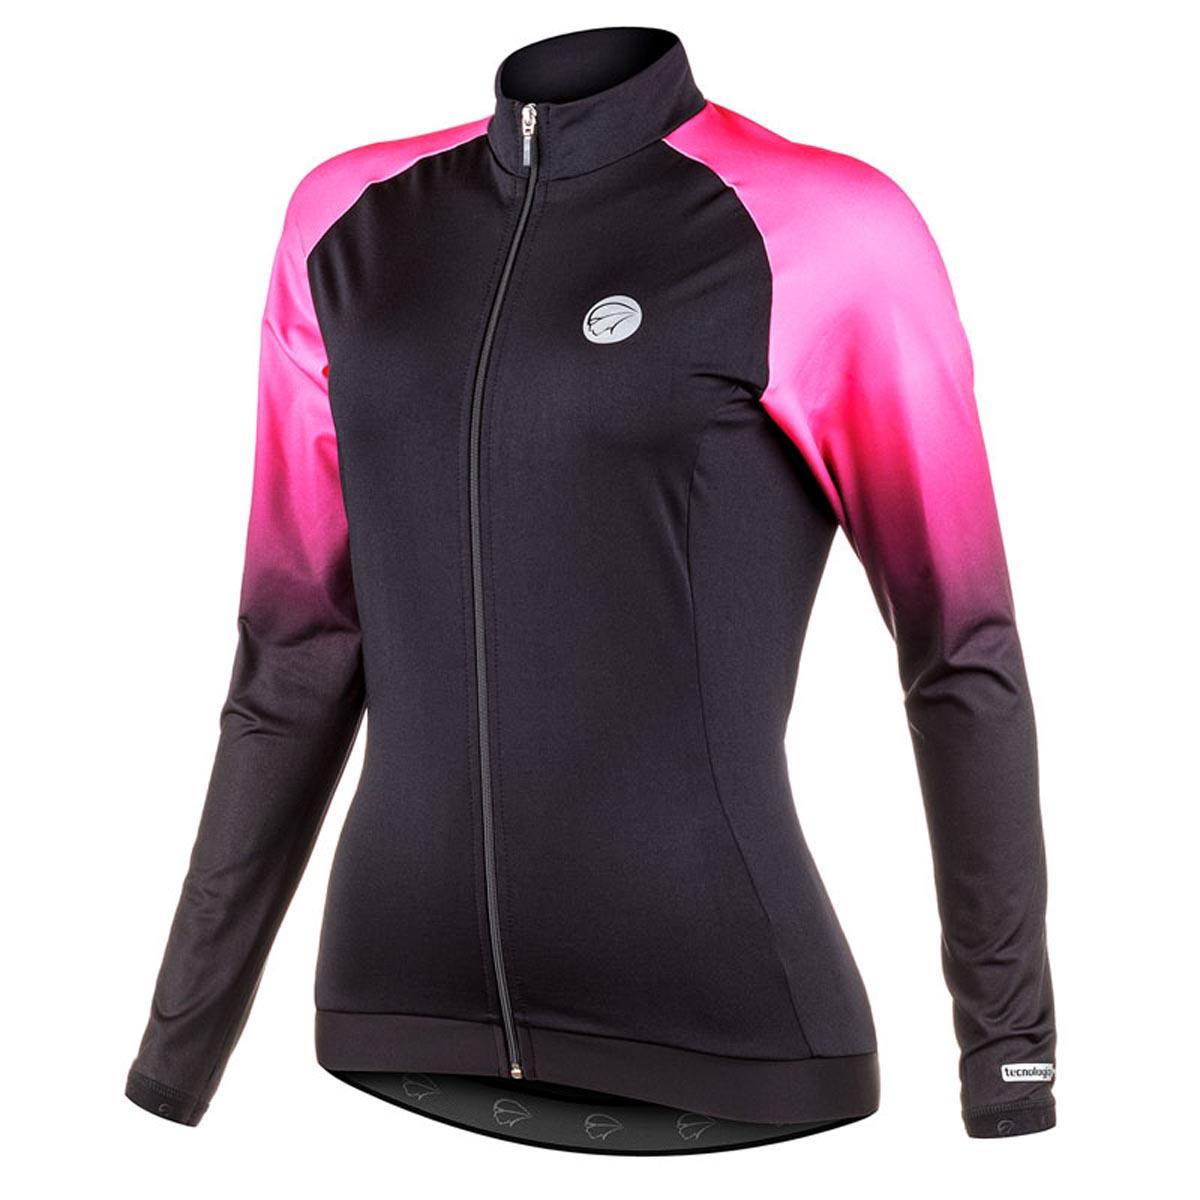 Jaqueta Mauro Ribeiro Feminina Intense Pink e Preta Ciclismo 21